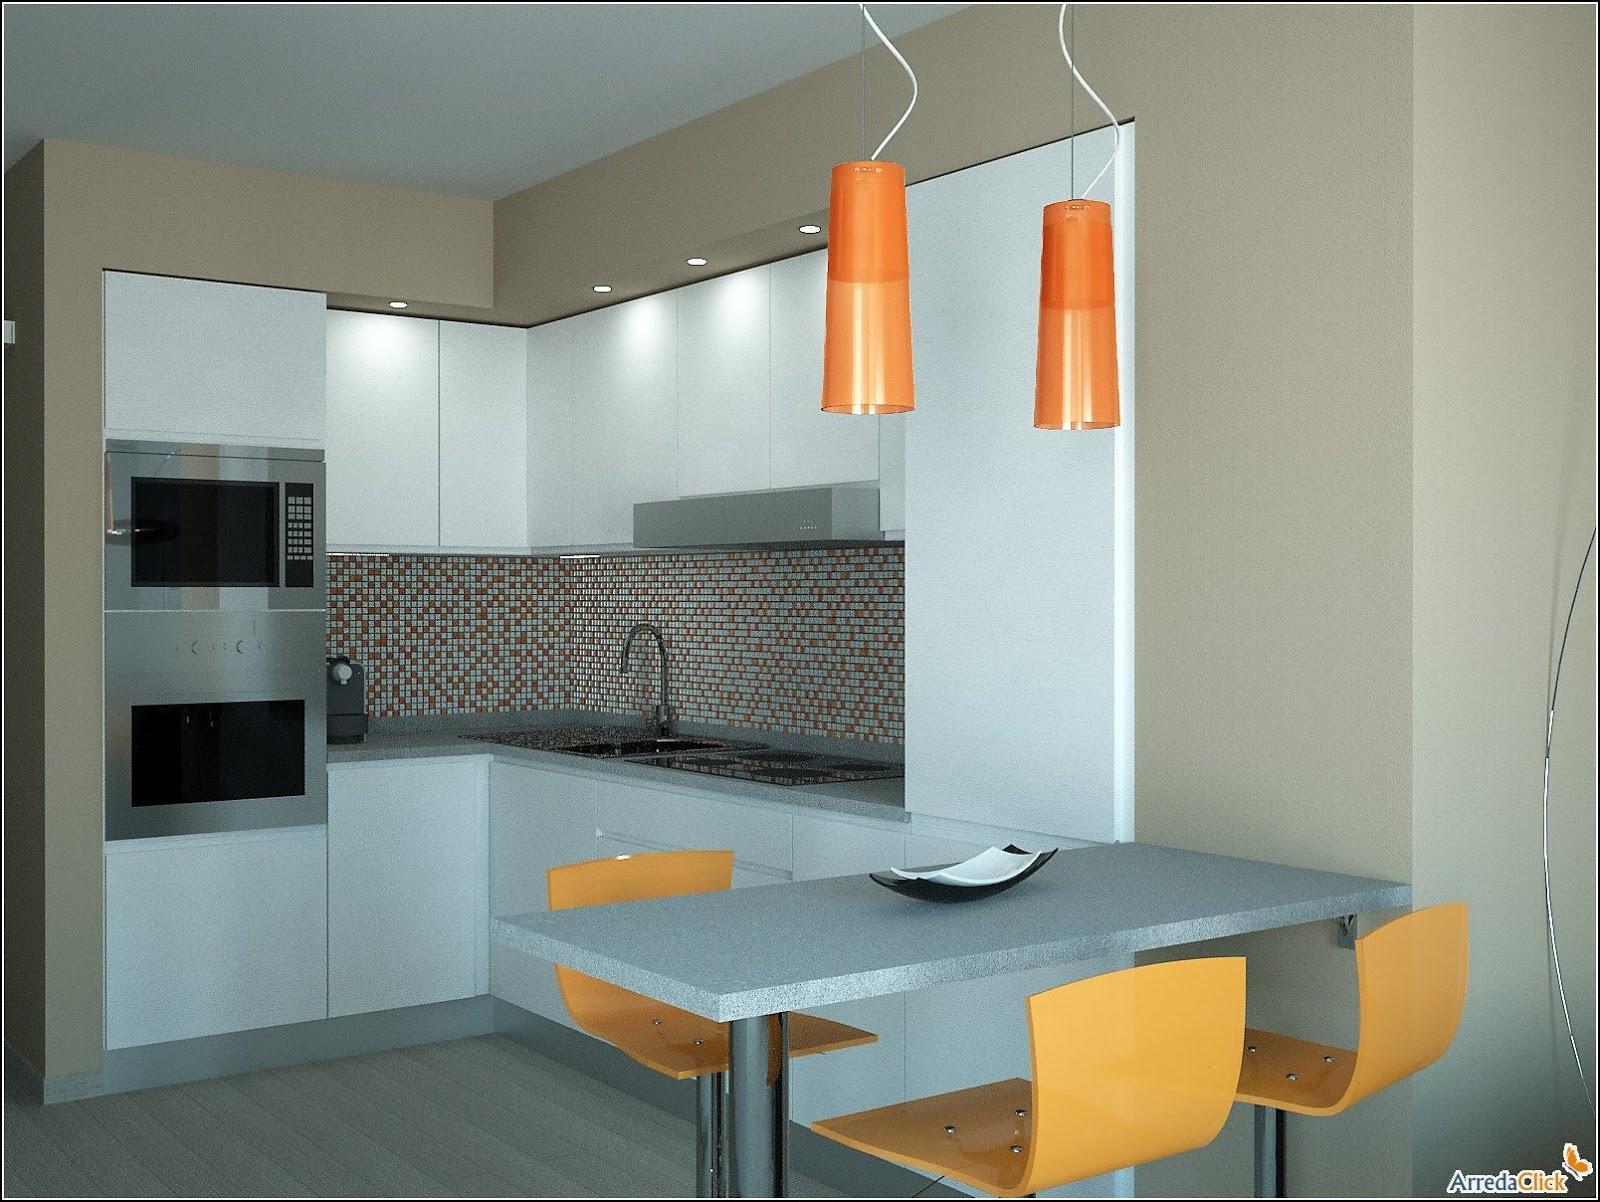 Arredaclick muebles italianos online amueblar - Amueblar apartamento ...